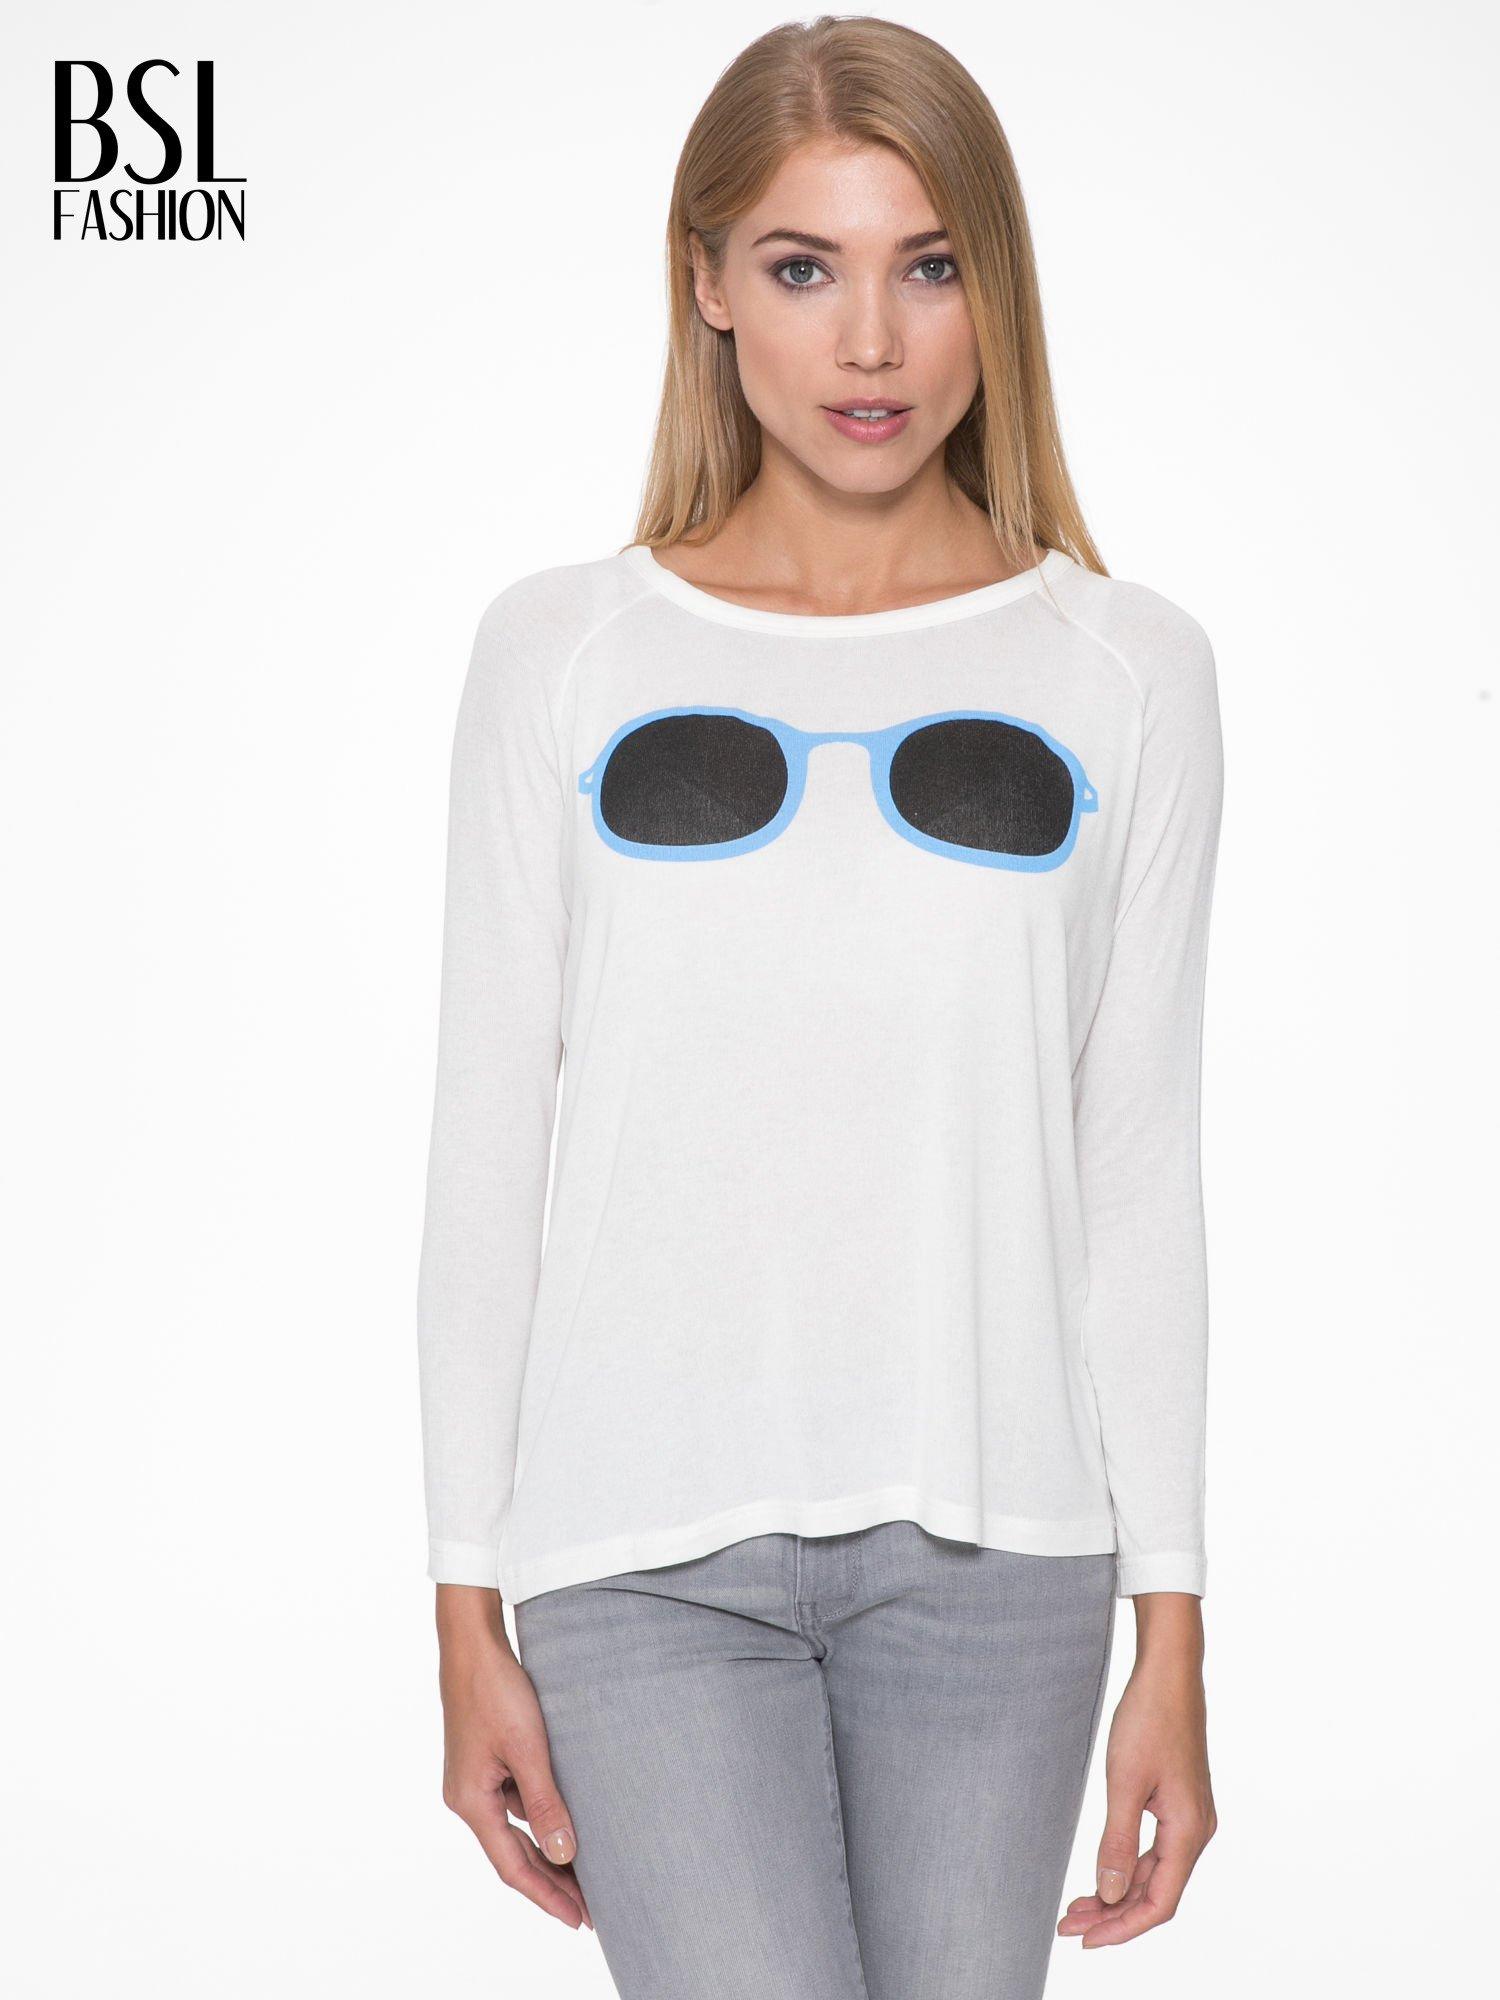 Ecru bluzka z nadrukiem okularów                                  zdj.                                  1